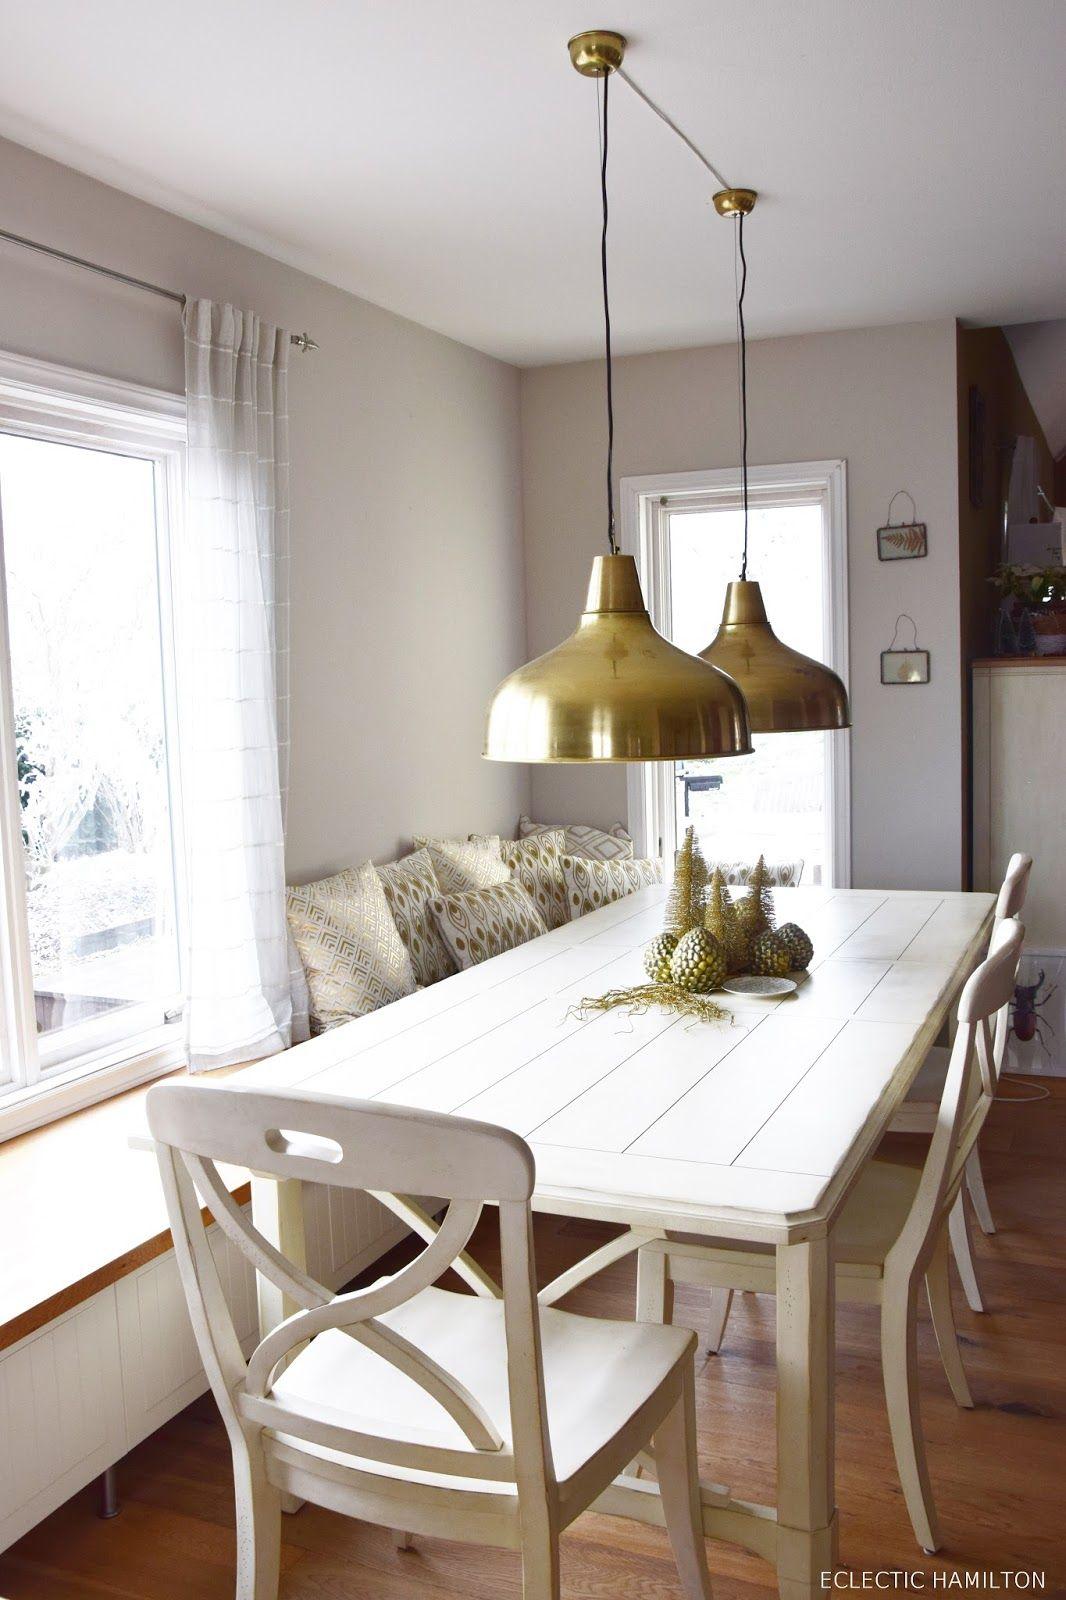 Die Perfekte Lampe Für Das Esszimmer Und Tolle Weihnachtsdeko In Gold.Tipps  Zum Leuchtmittelkauf /